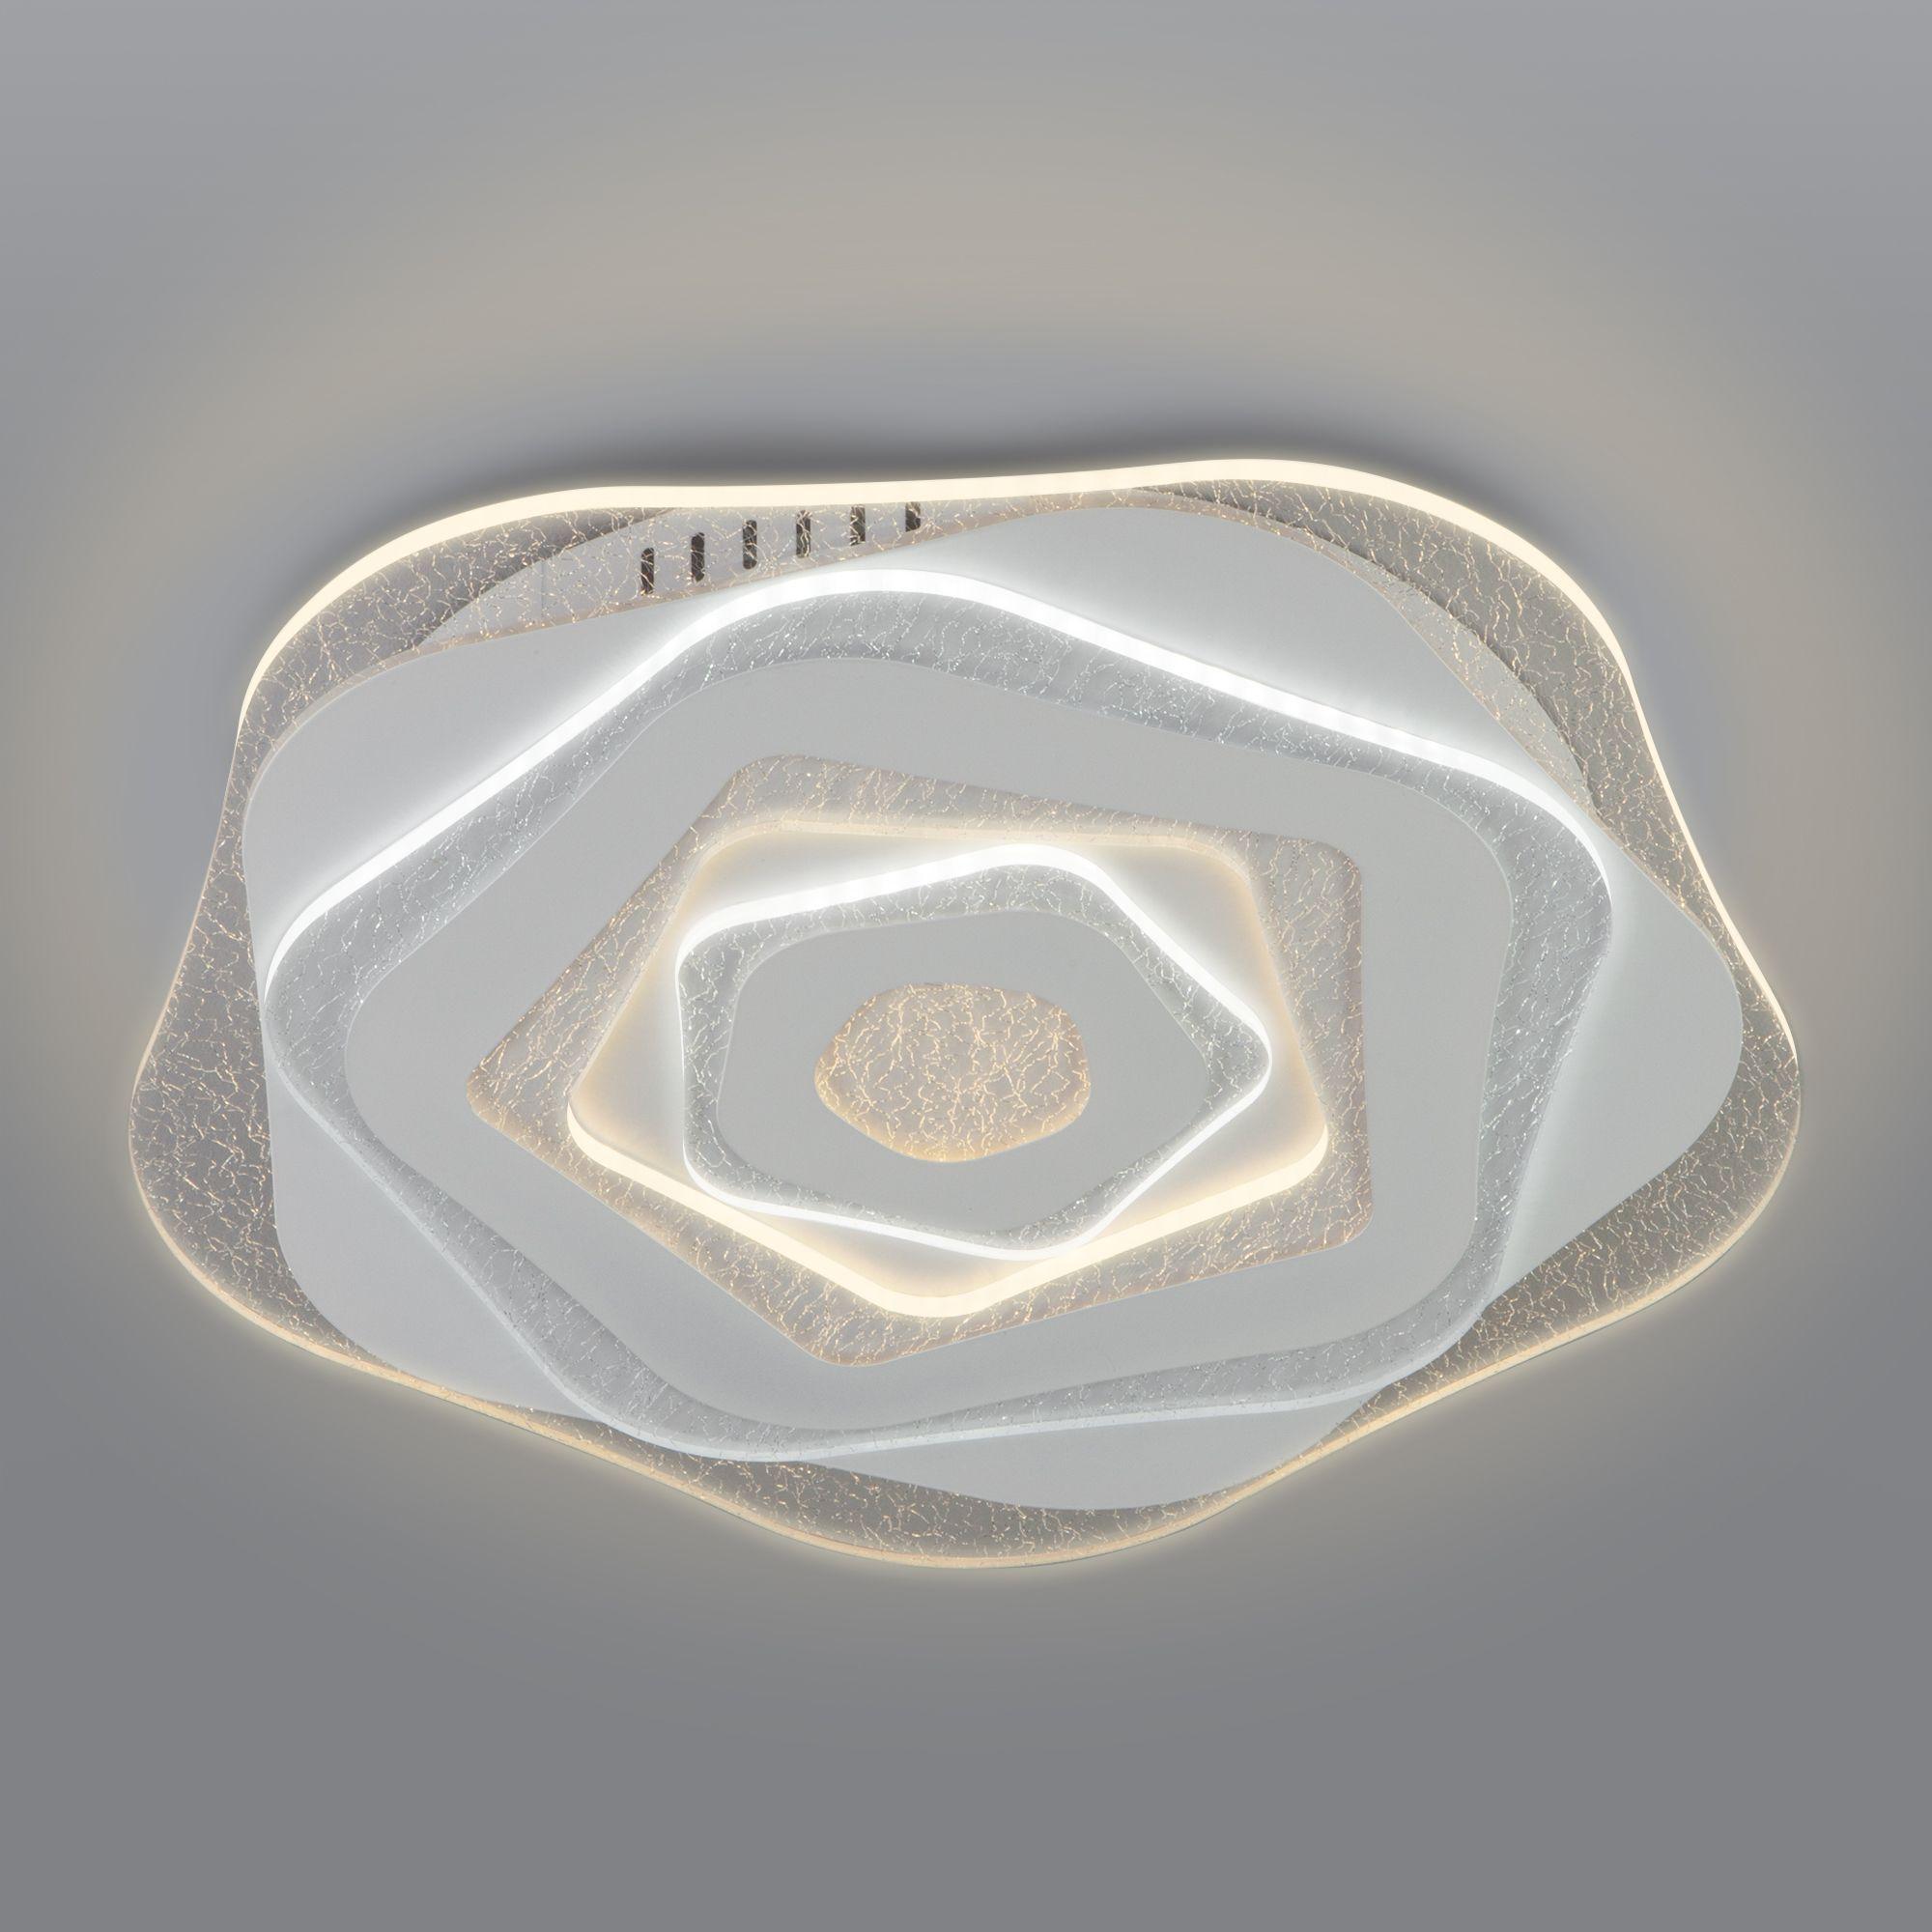 Потолочный светодиодный светильник с пультом управления 90210/1 белый